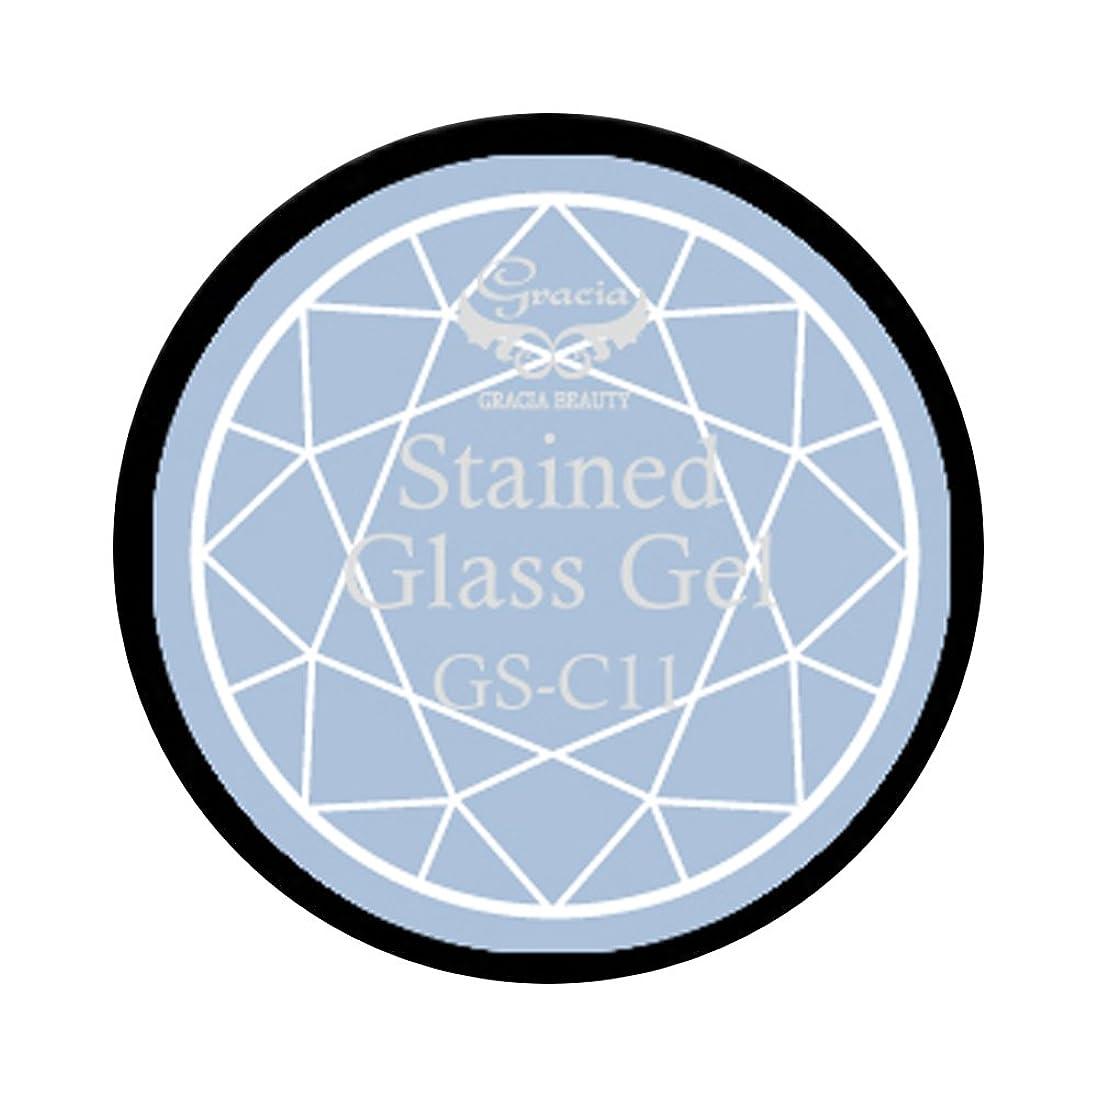 押し下げる怠感慈悲深いグラシア ジェルネイル ステンドグラスジェル GSM-C11 3g  クリア UV/LED対応 カラージェル ソークオフジェル ガラスのような透明感